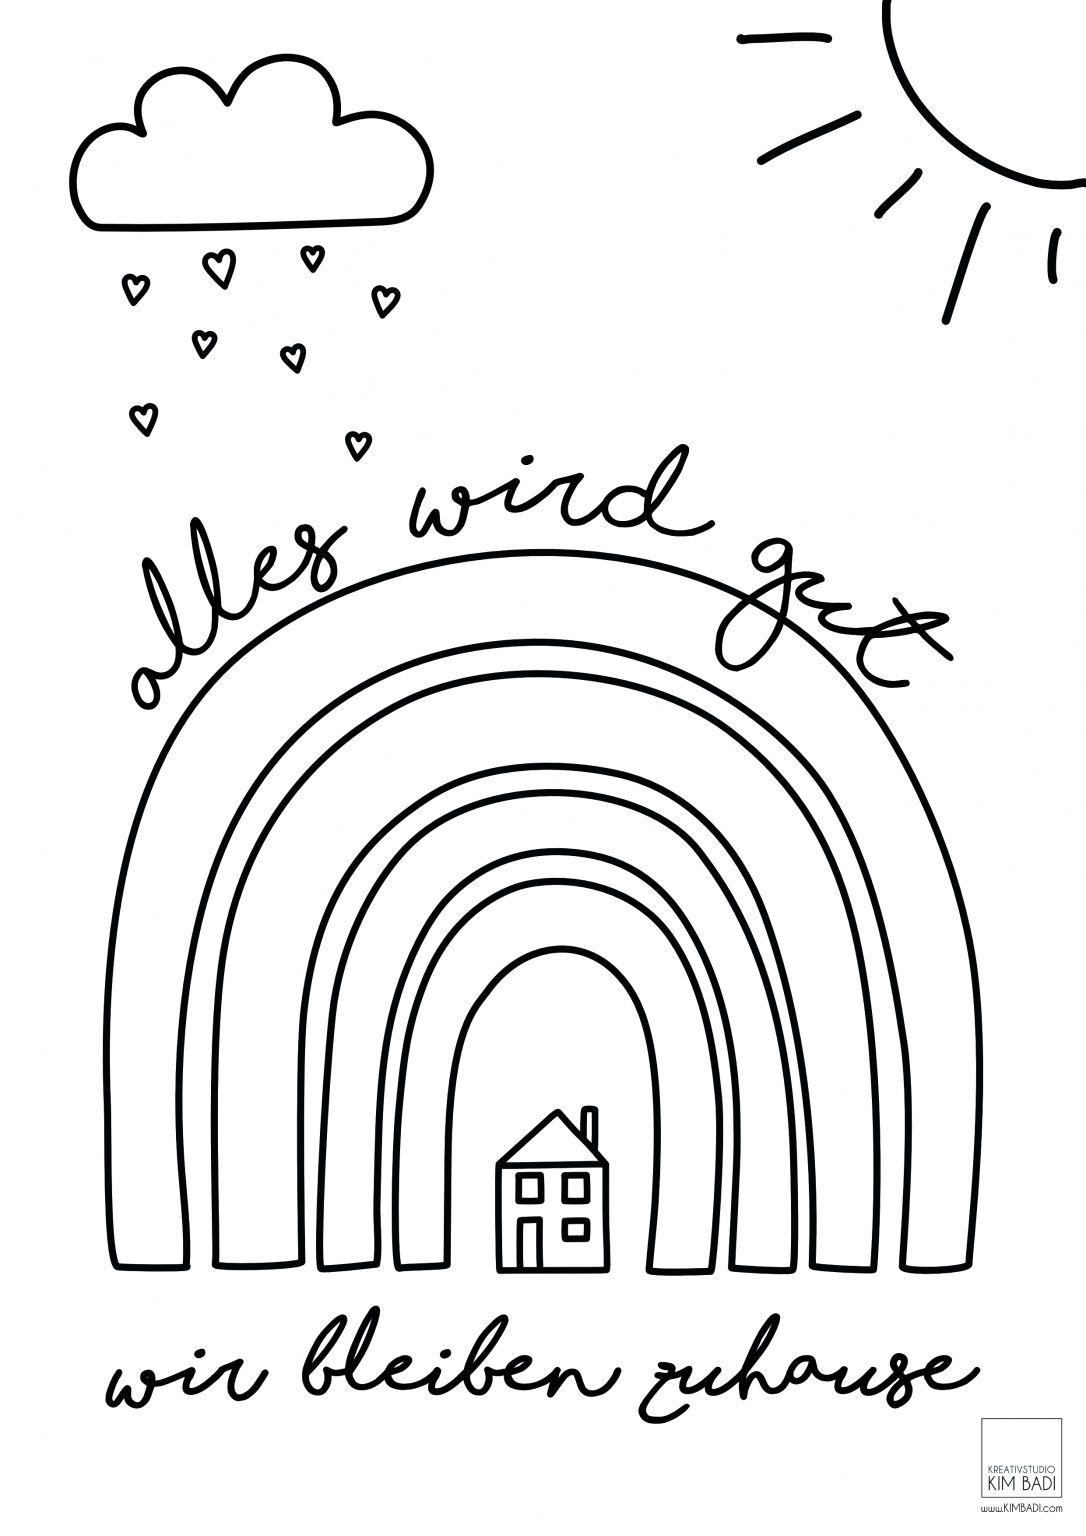 Wir Bleiben Zuhause Regenbogen Kreativstudio Kim Badi Alles Wird Gut Coronacare In 2020 Basteln Und Lernen Regenbogen Kindergarten Bleib Zu Hause